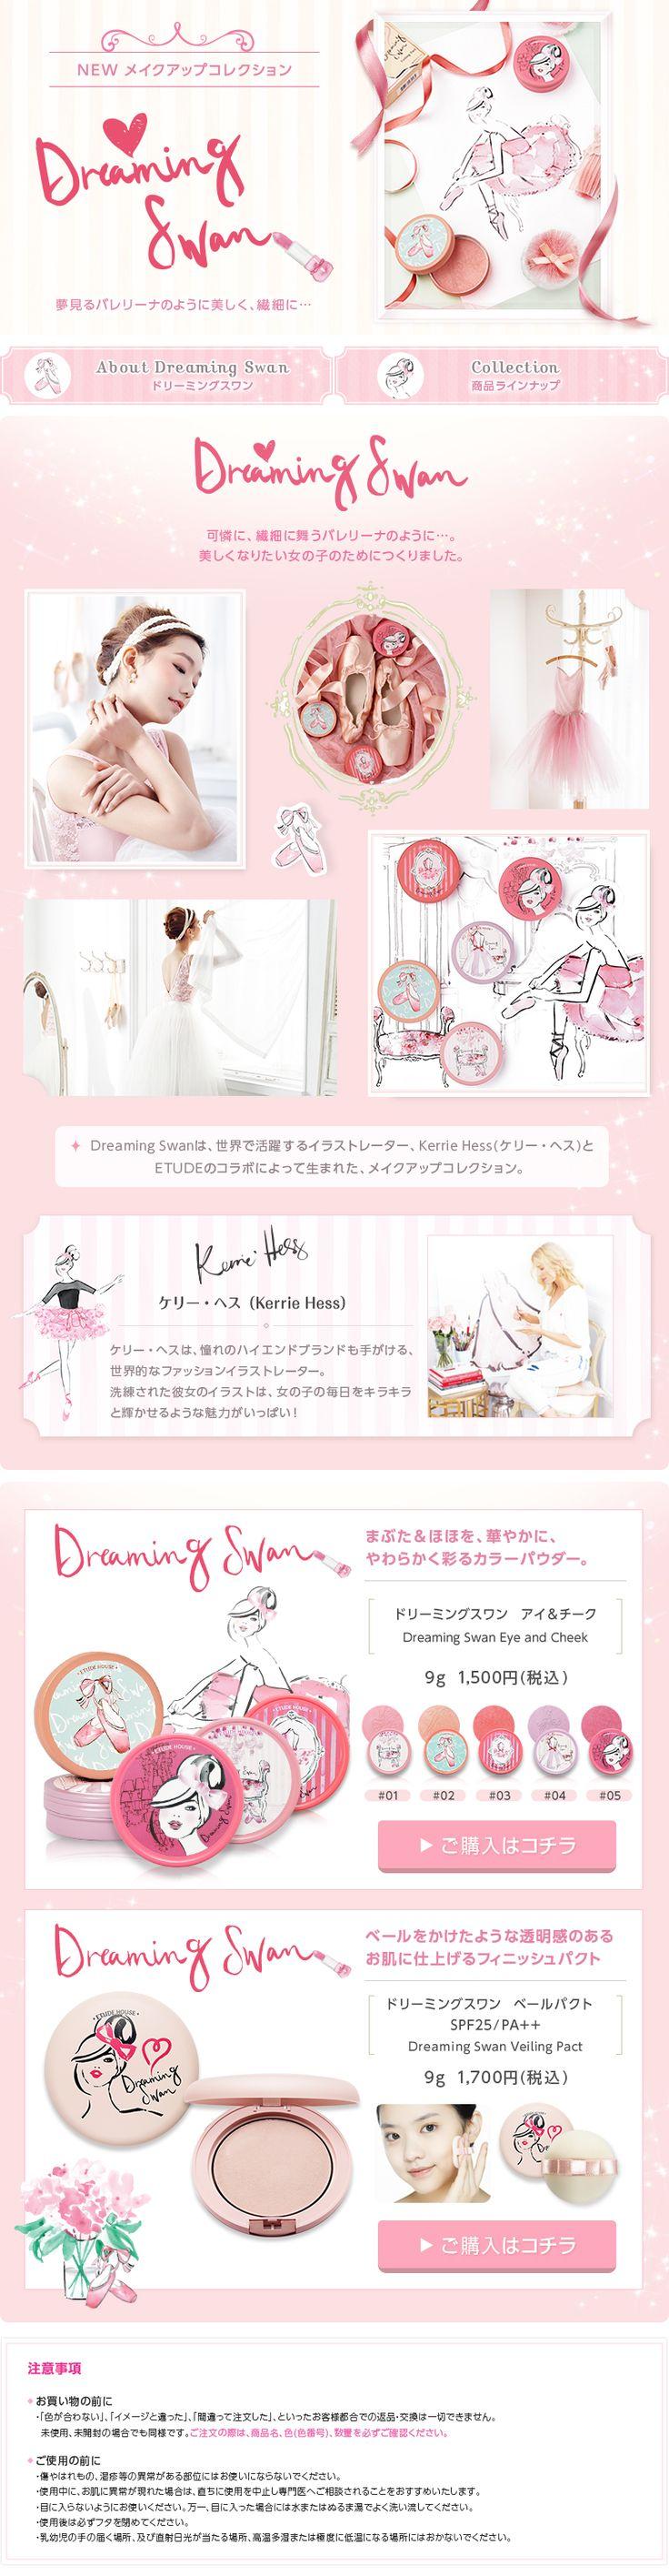 韓国コスメのエチュードハウス - 公式通販サイト                                                       …